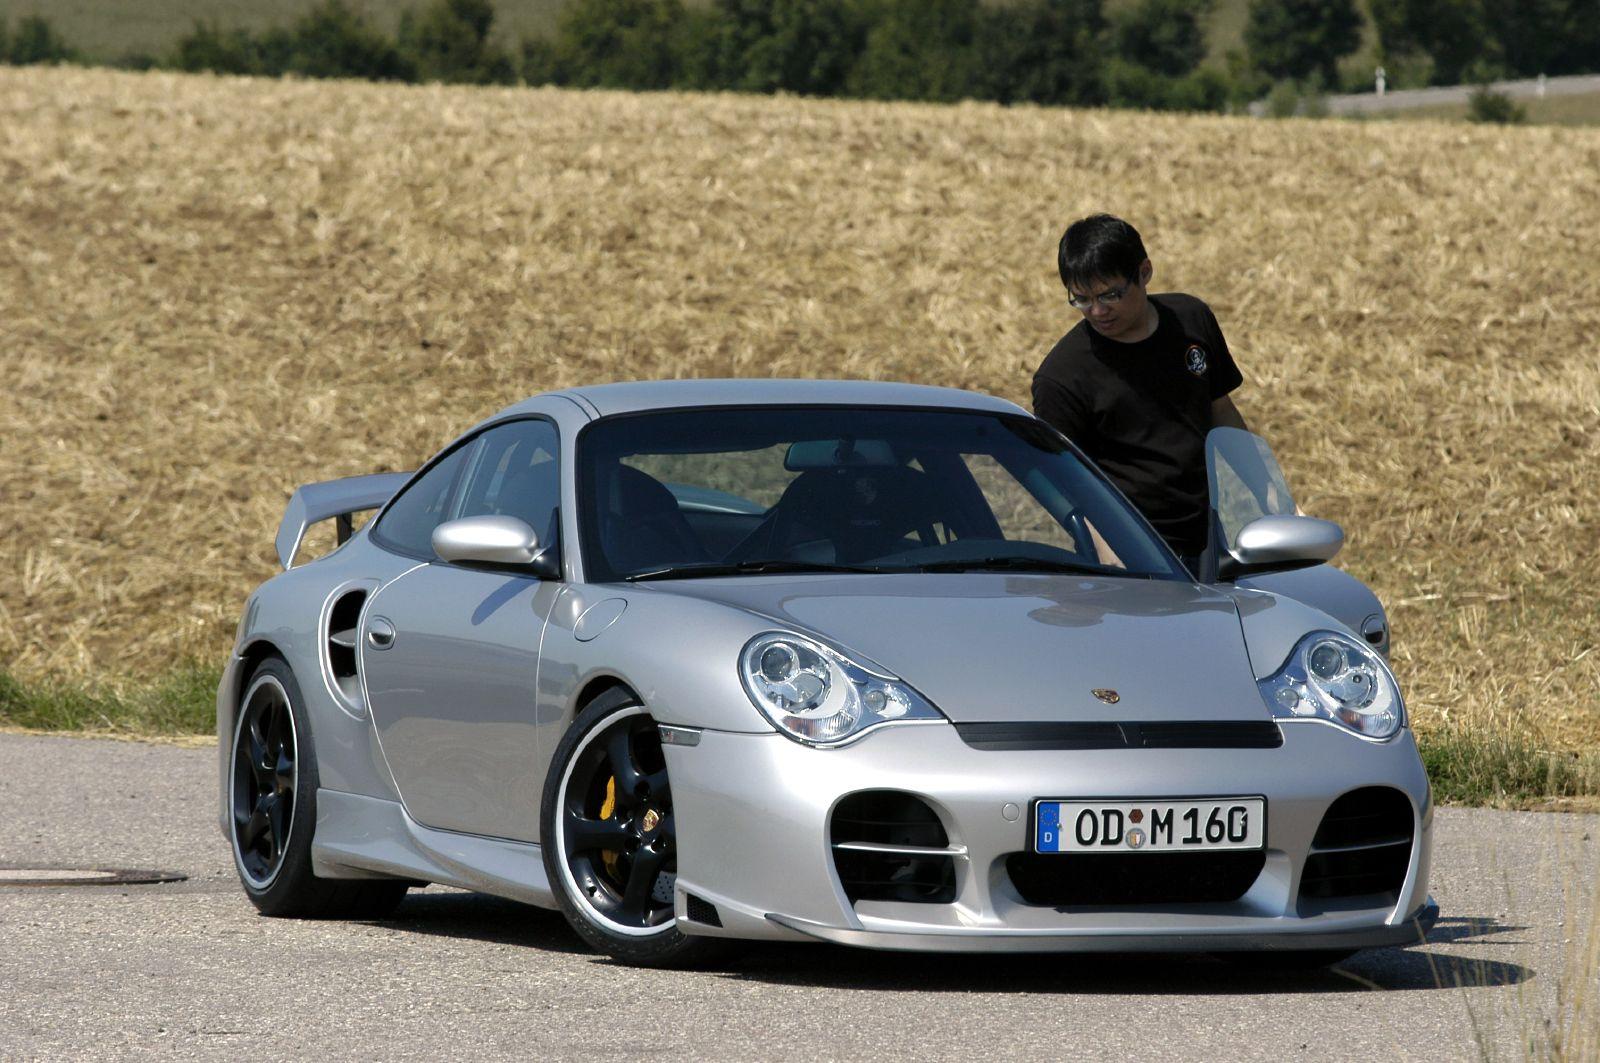 Porsche 996 Turbo >> File:TechArt GT Street based on Porsche 996 GT2.jpg - Wikimedia Commons